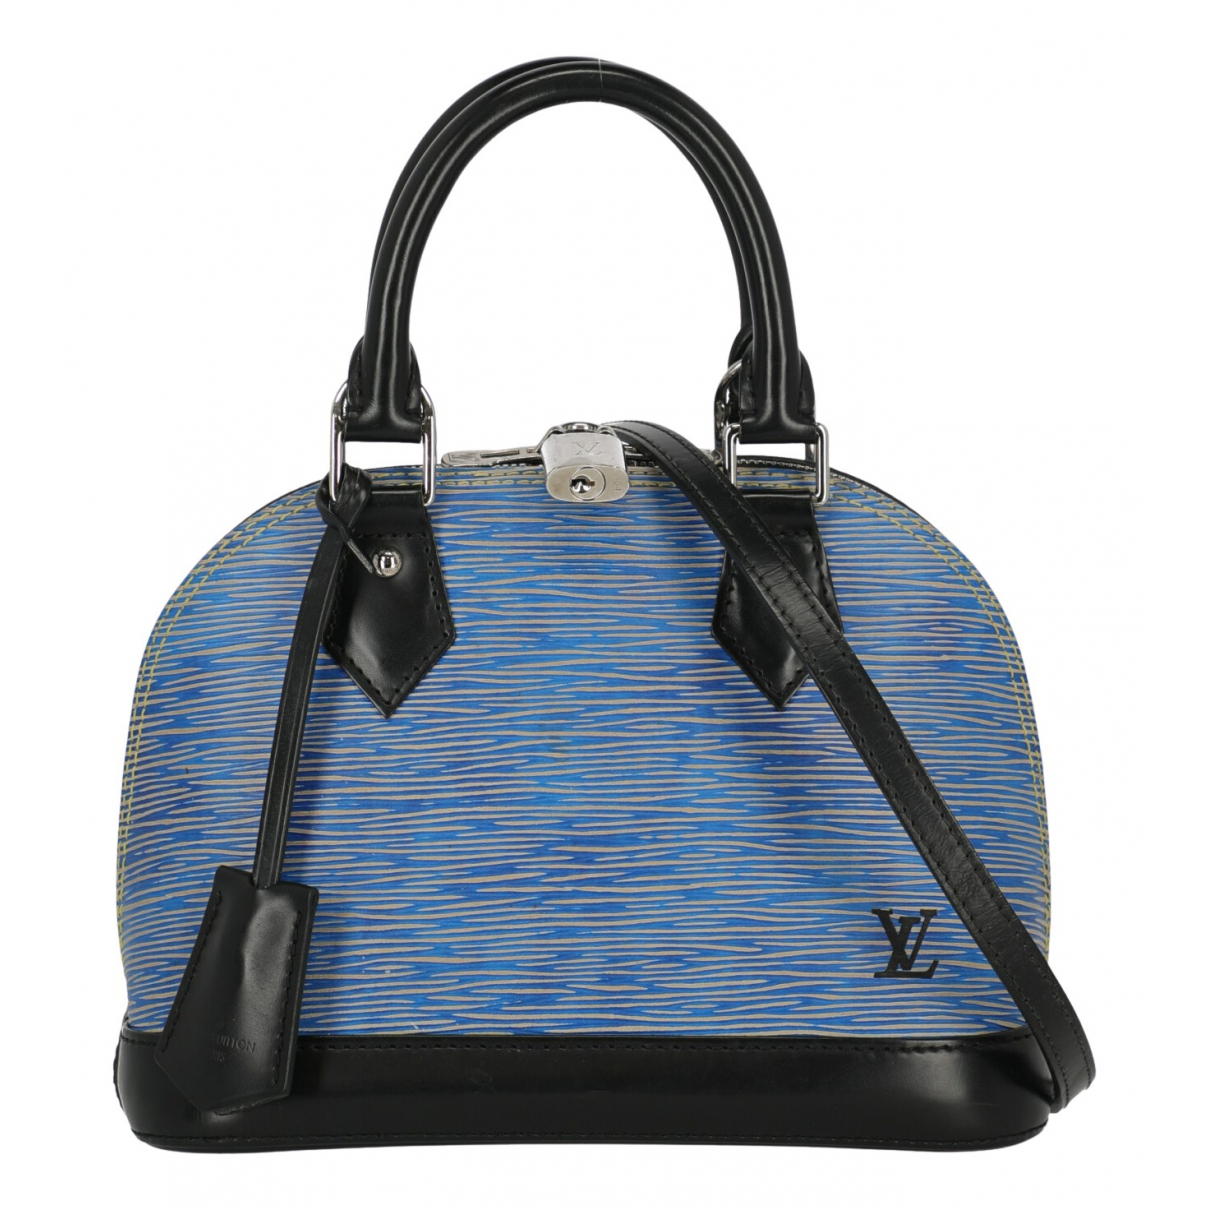 Louis Vuitton - Sac a main Alma BB pour femme en cuir - bleu